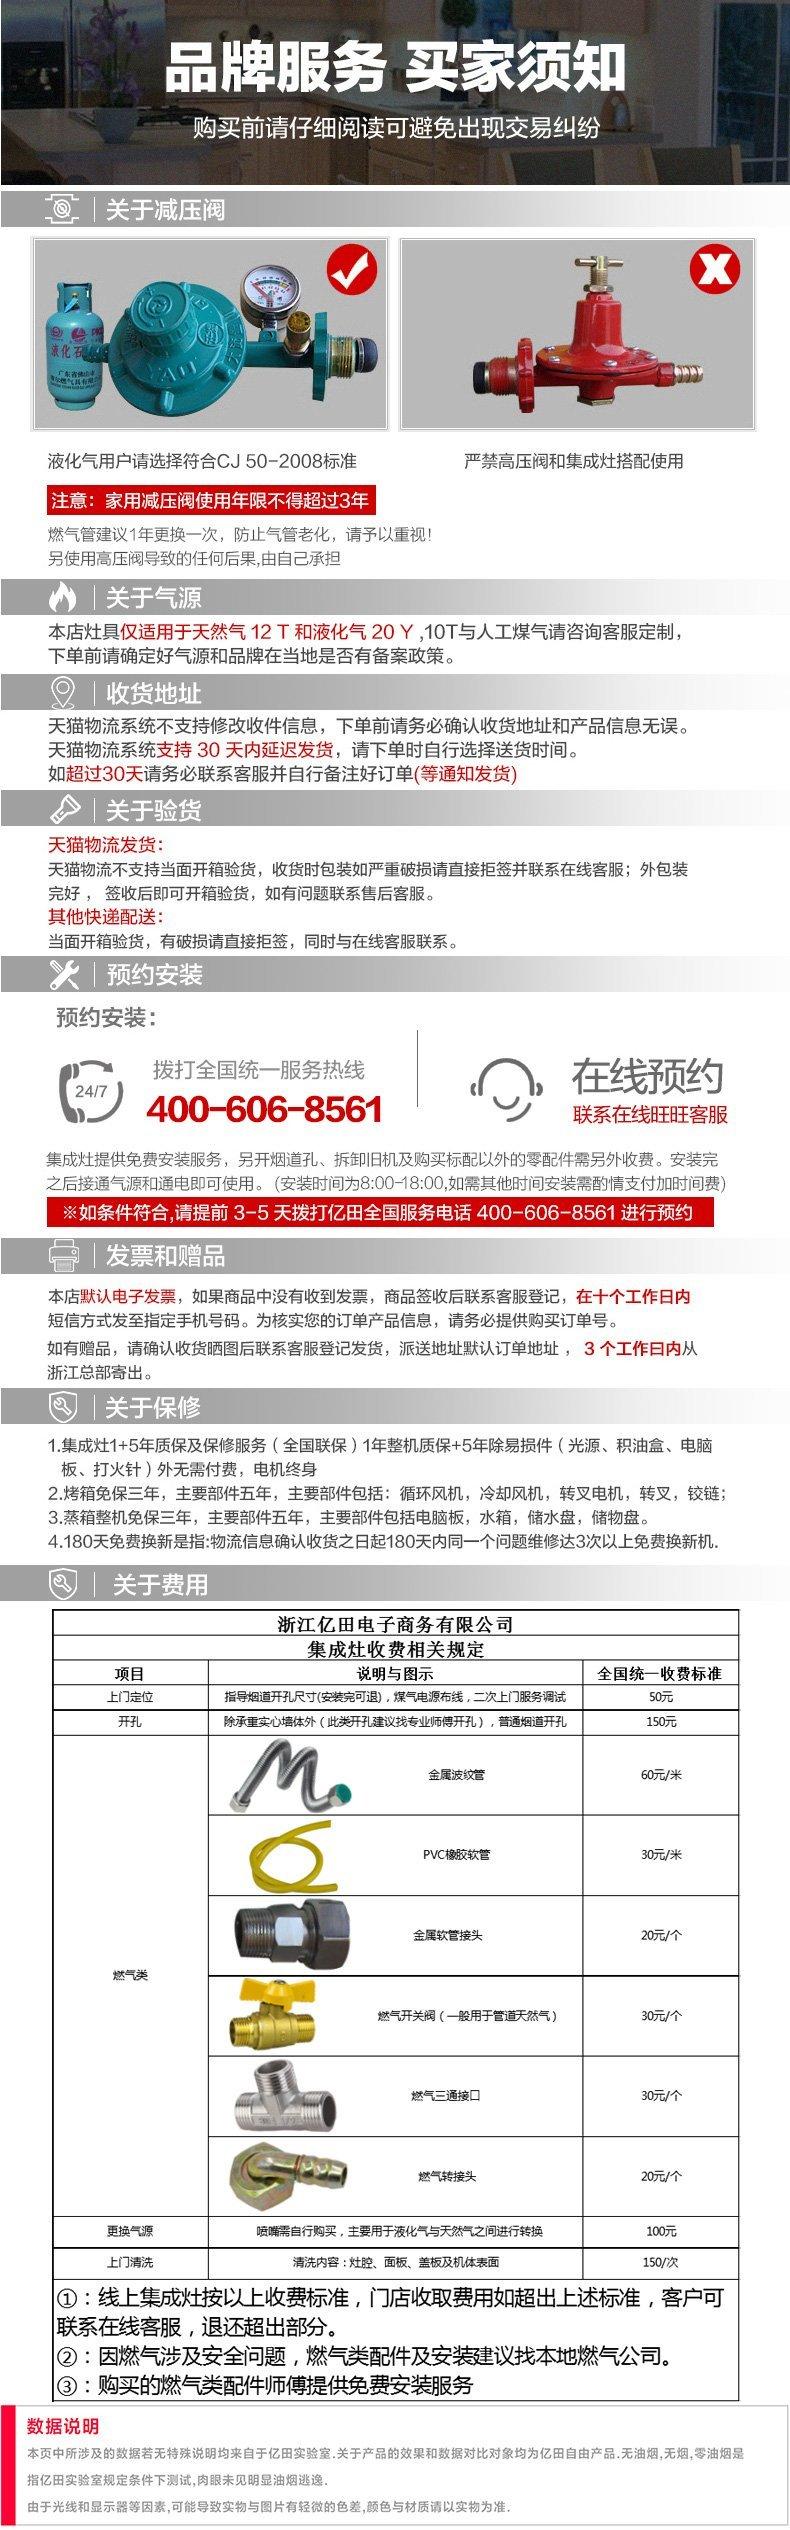 亿田集成灶图片 侧吸下排油烟机燃气灶装修效果图_14